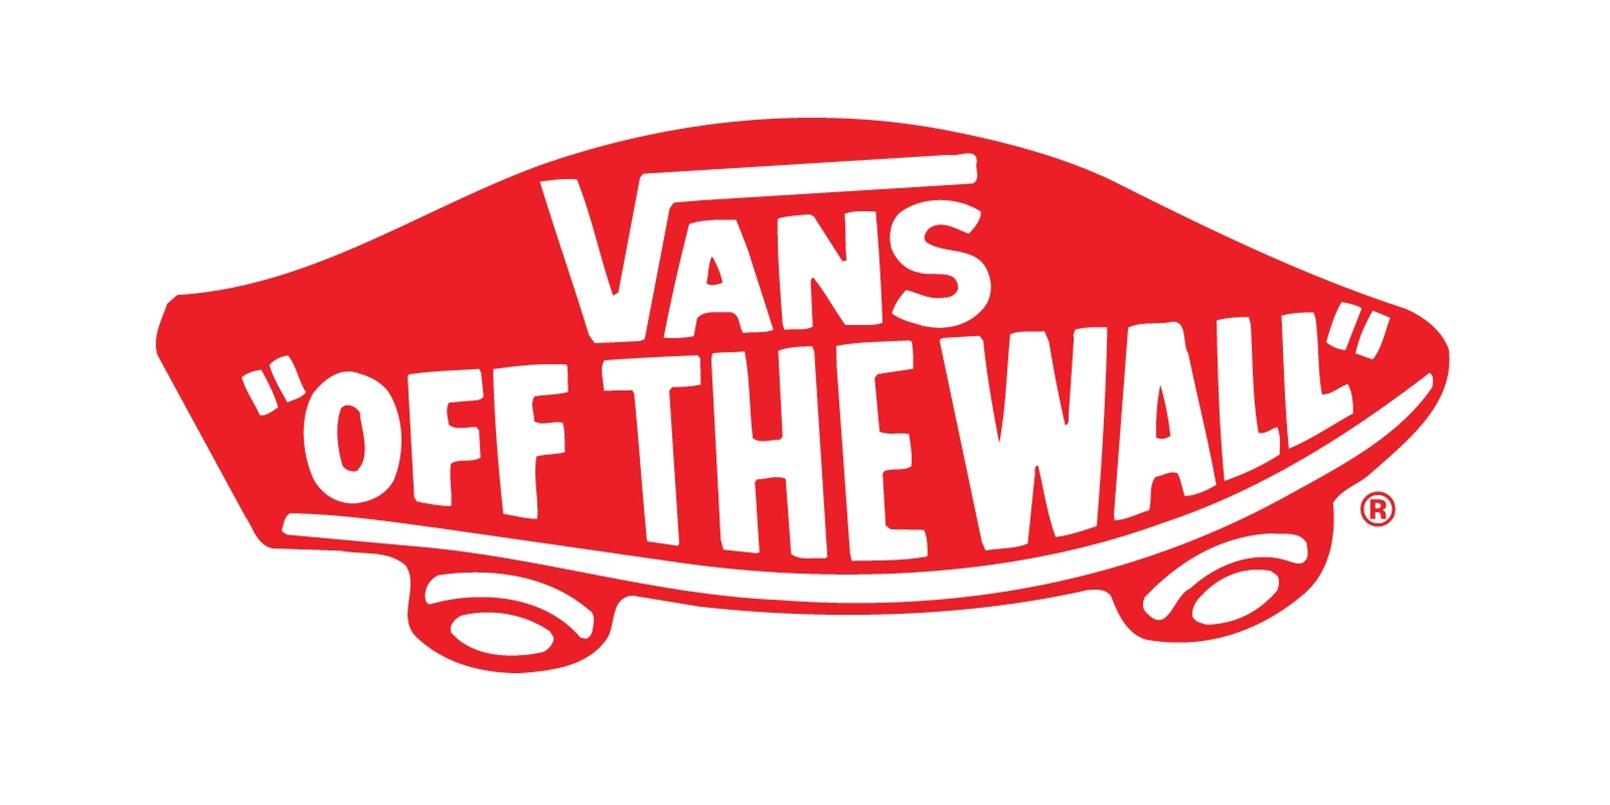 Le logo de Vans